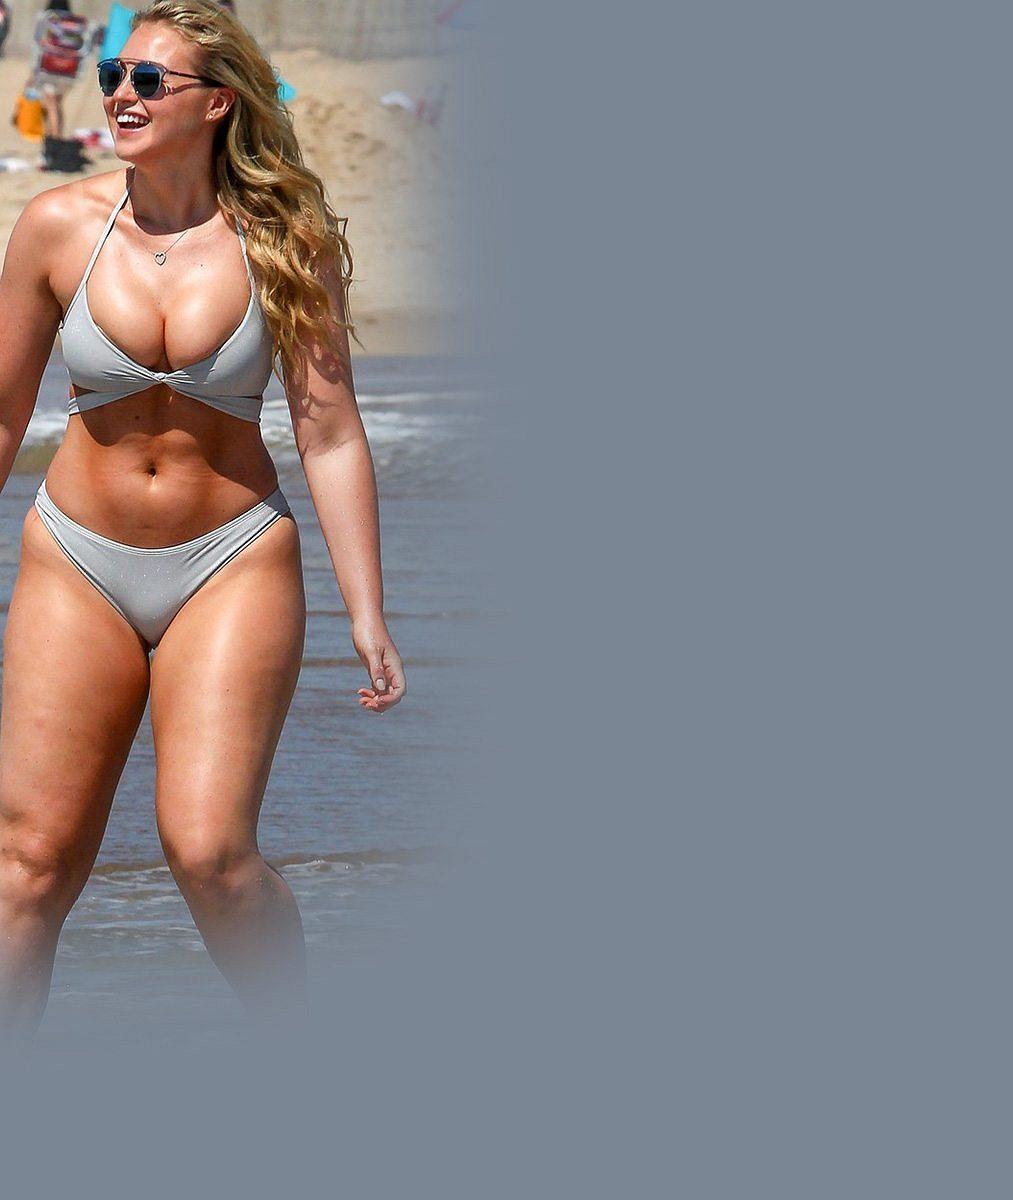 Kyprý 'podvozek' umí nosit! Mladá modelka svelikostí 44je vbikinách hodně sexy